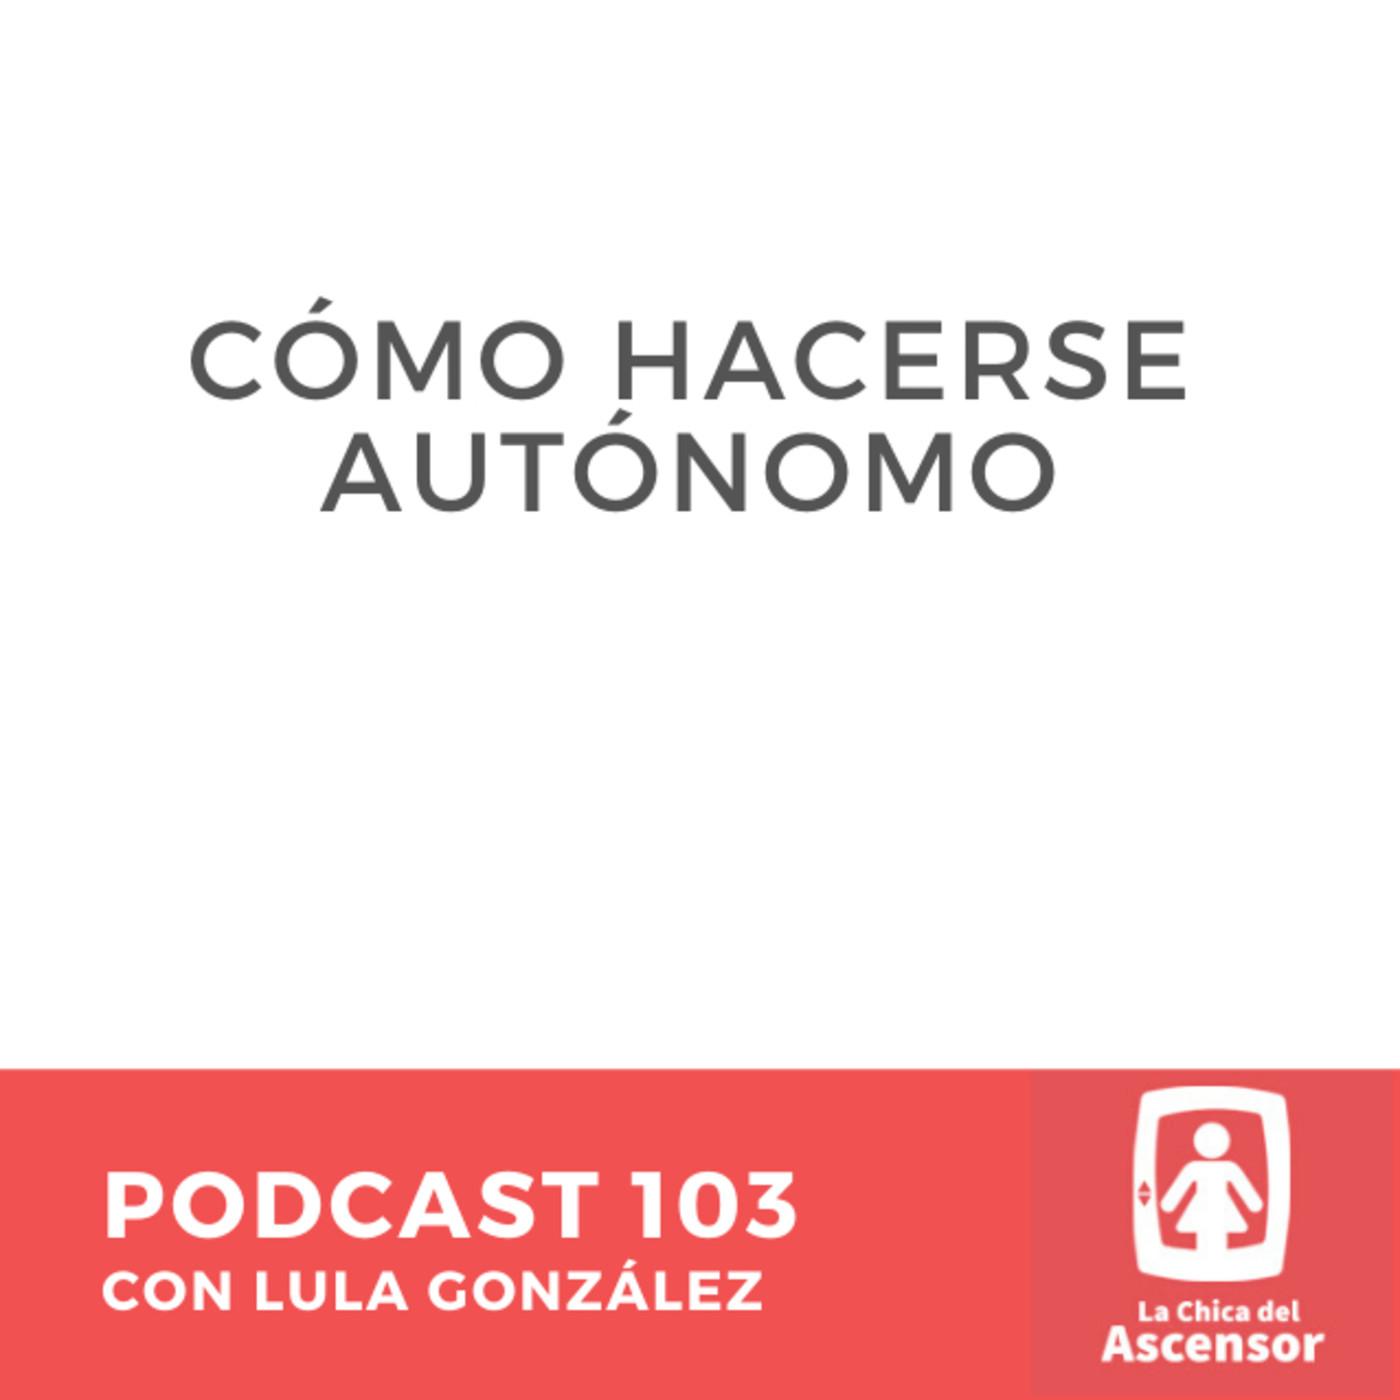 103 - Cómo hacerse autónomo